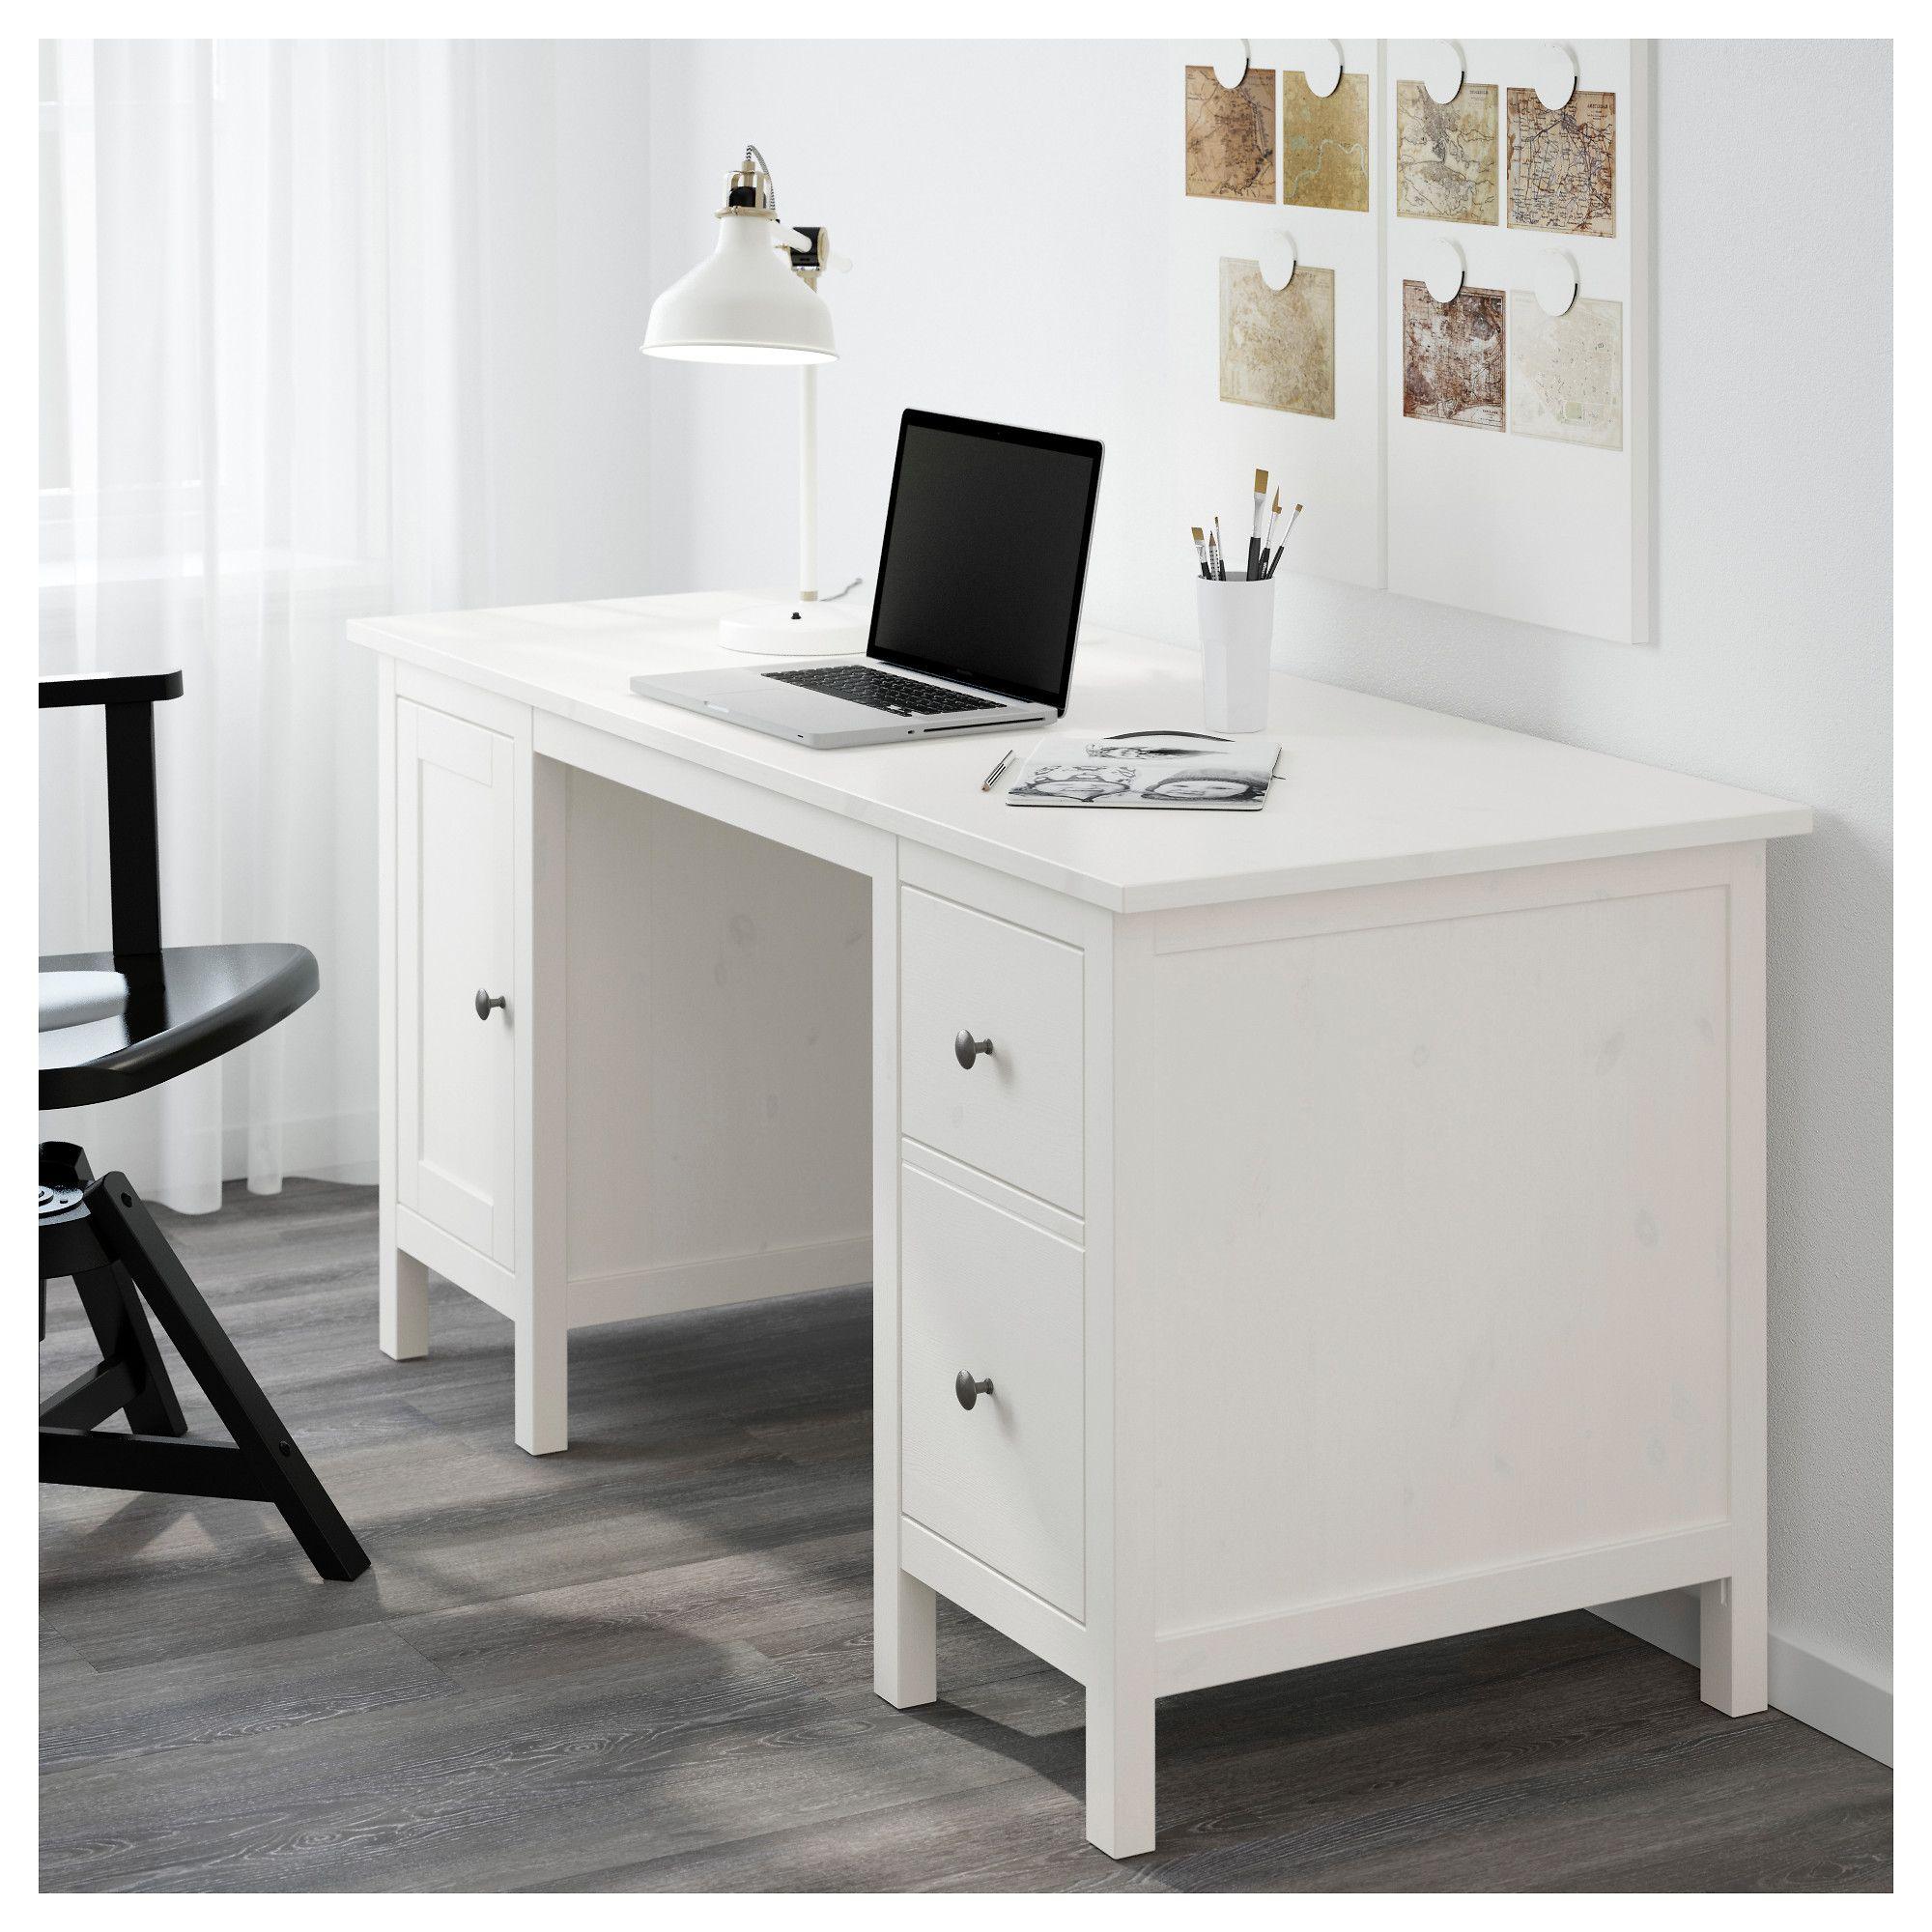 HEMNES Desk White stain IKEA White desks, Ikea hemnes